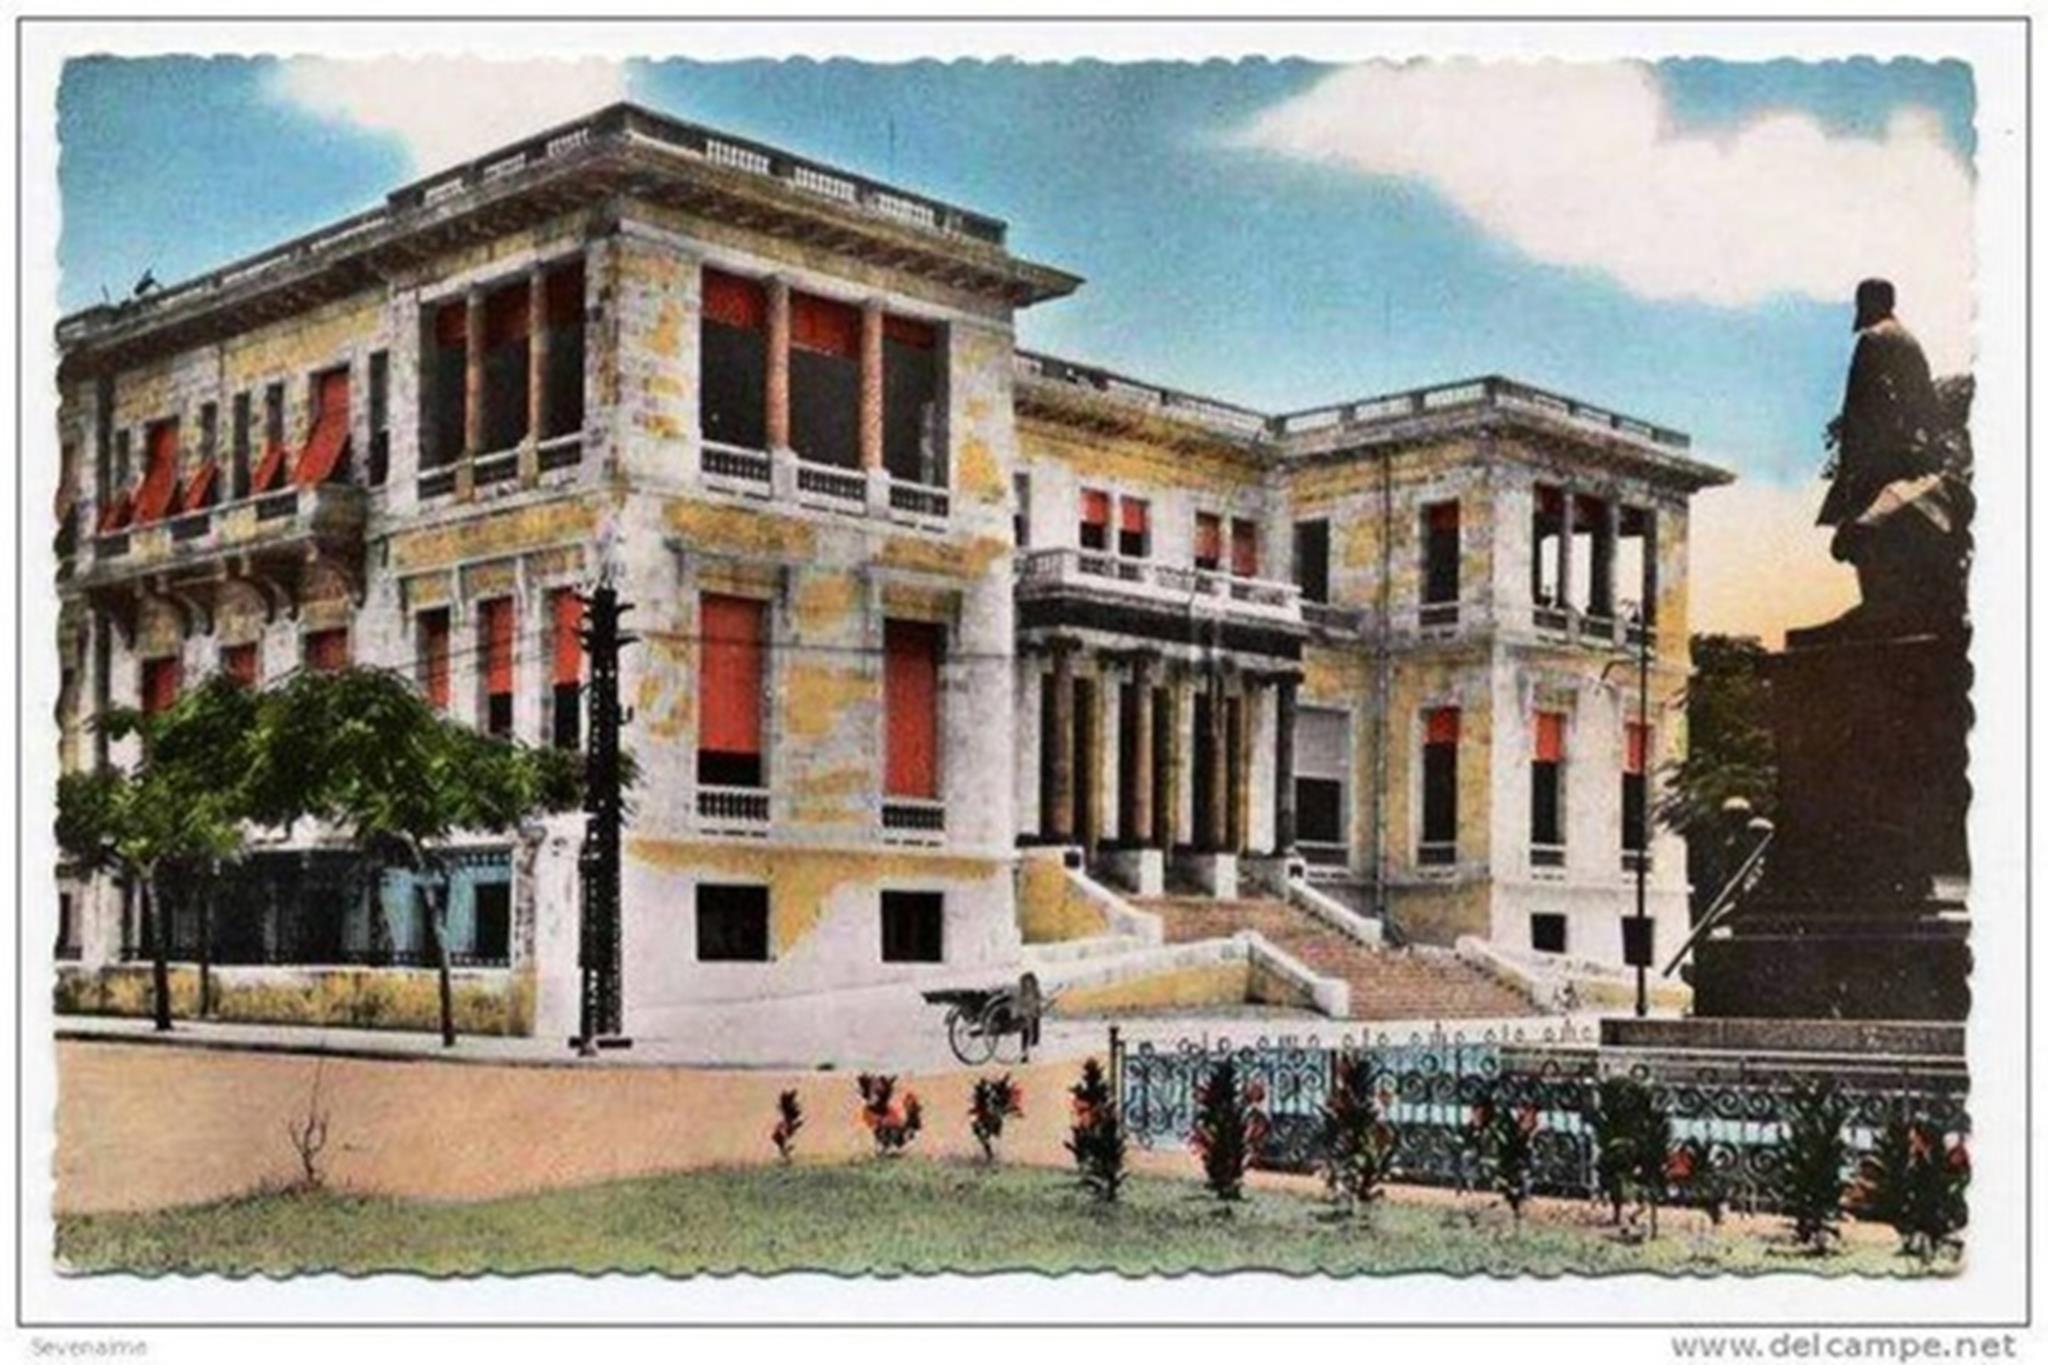 Ngân hàng Đông Dương (Banque de l'Indochine) là cơ sở tài chính được Pháp thành lập ngày 21/1/1875 tại thủ đô Paris với mục đích phát hành giấy bạc và tiền kim loại cho các xứ thuộc địa của Pháp ở châu Á... Sau khi đến Việt Nam, người Pháp xây dưng trụ sở 2 chi nhánh đặt tại Sài Gòn và Hải Phòng, trong đó Ngân hàng Đông Dương chi nhánh Hải Phòng được khai trương vào năm 1885, có trụ sở bên bờ sông Tam Bạc.